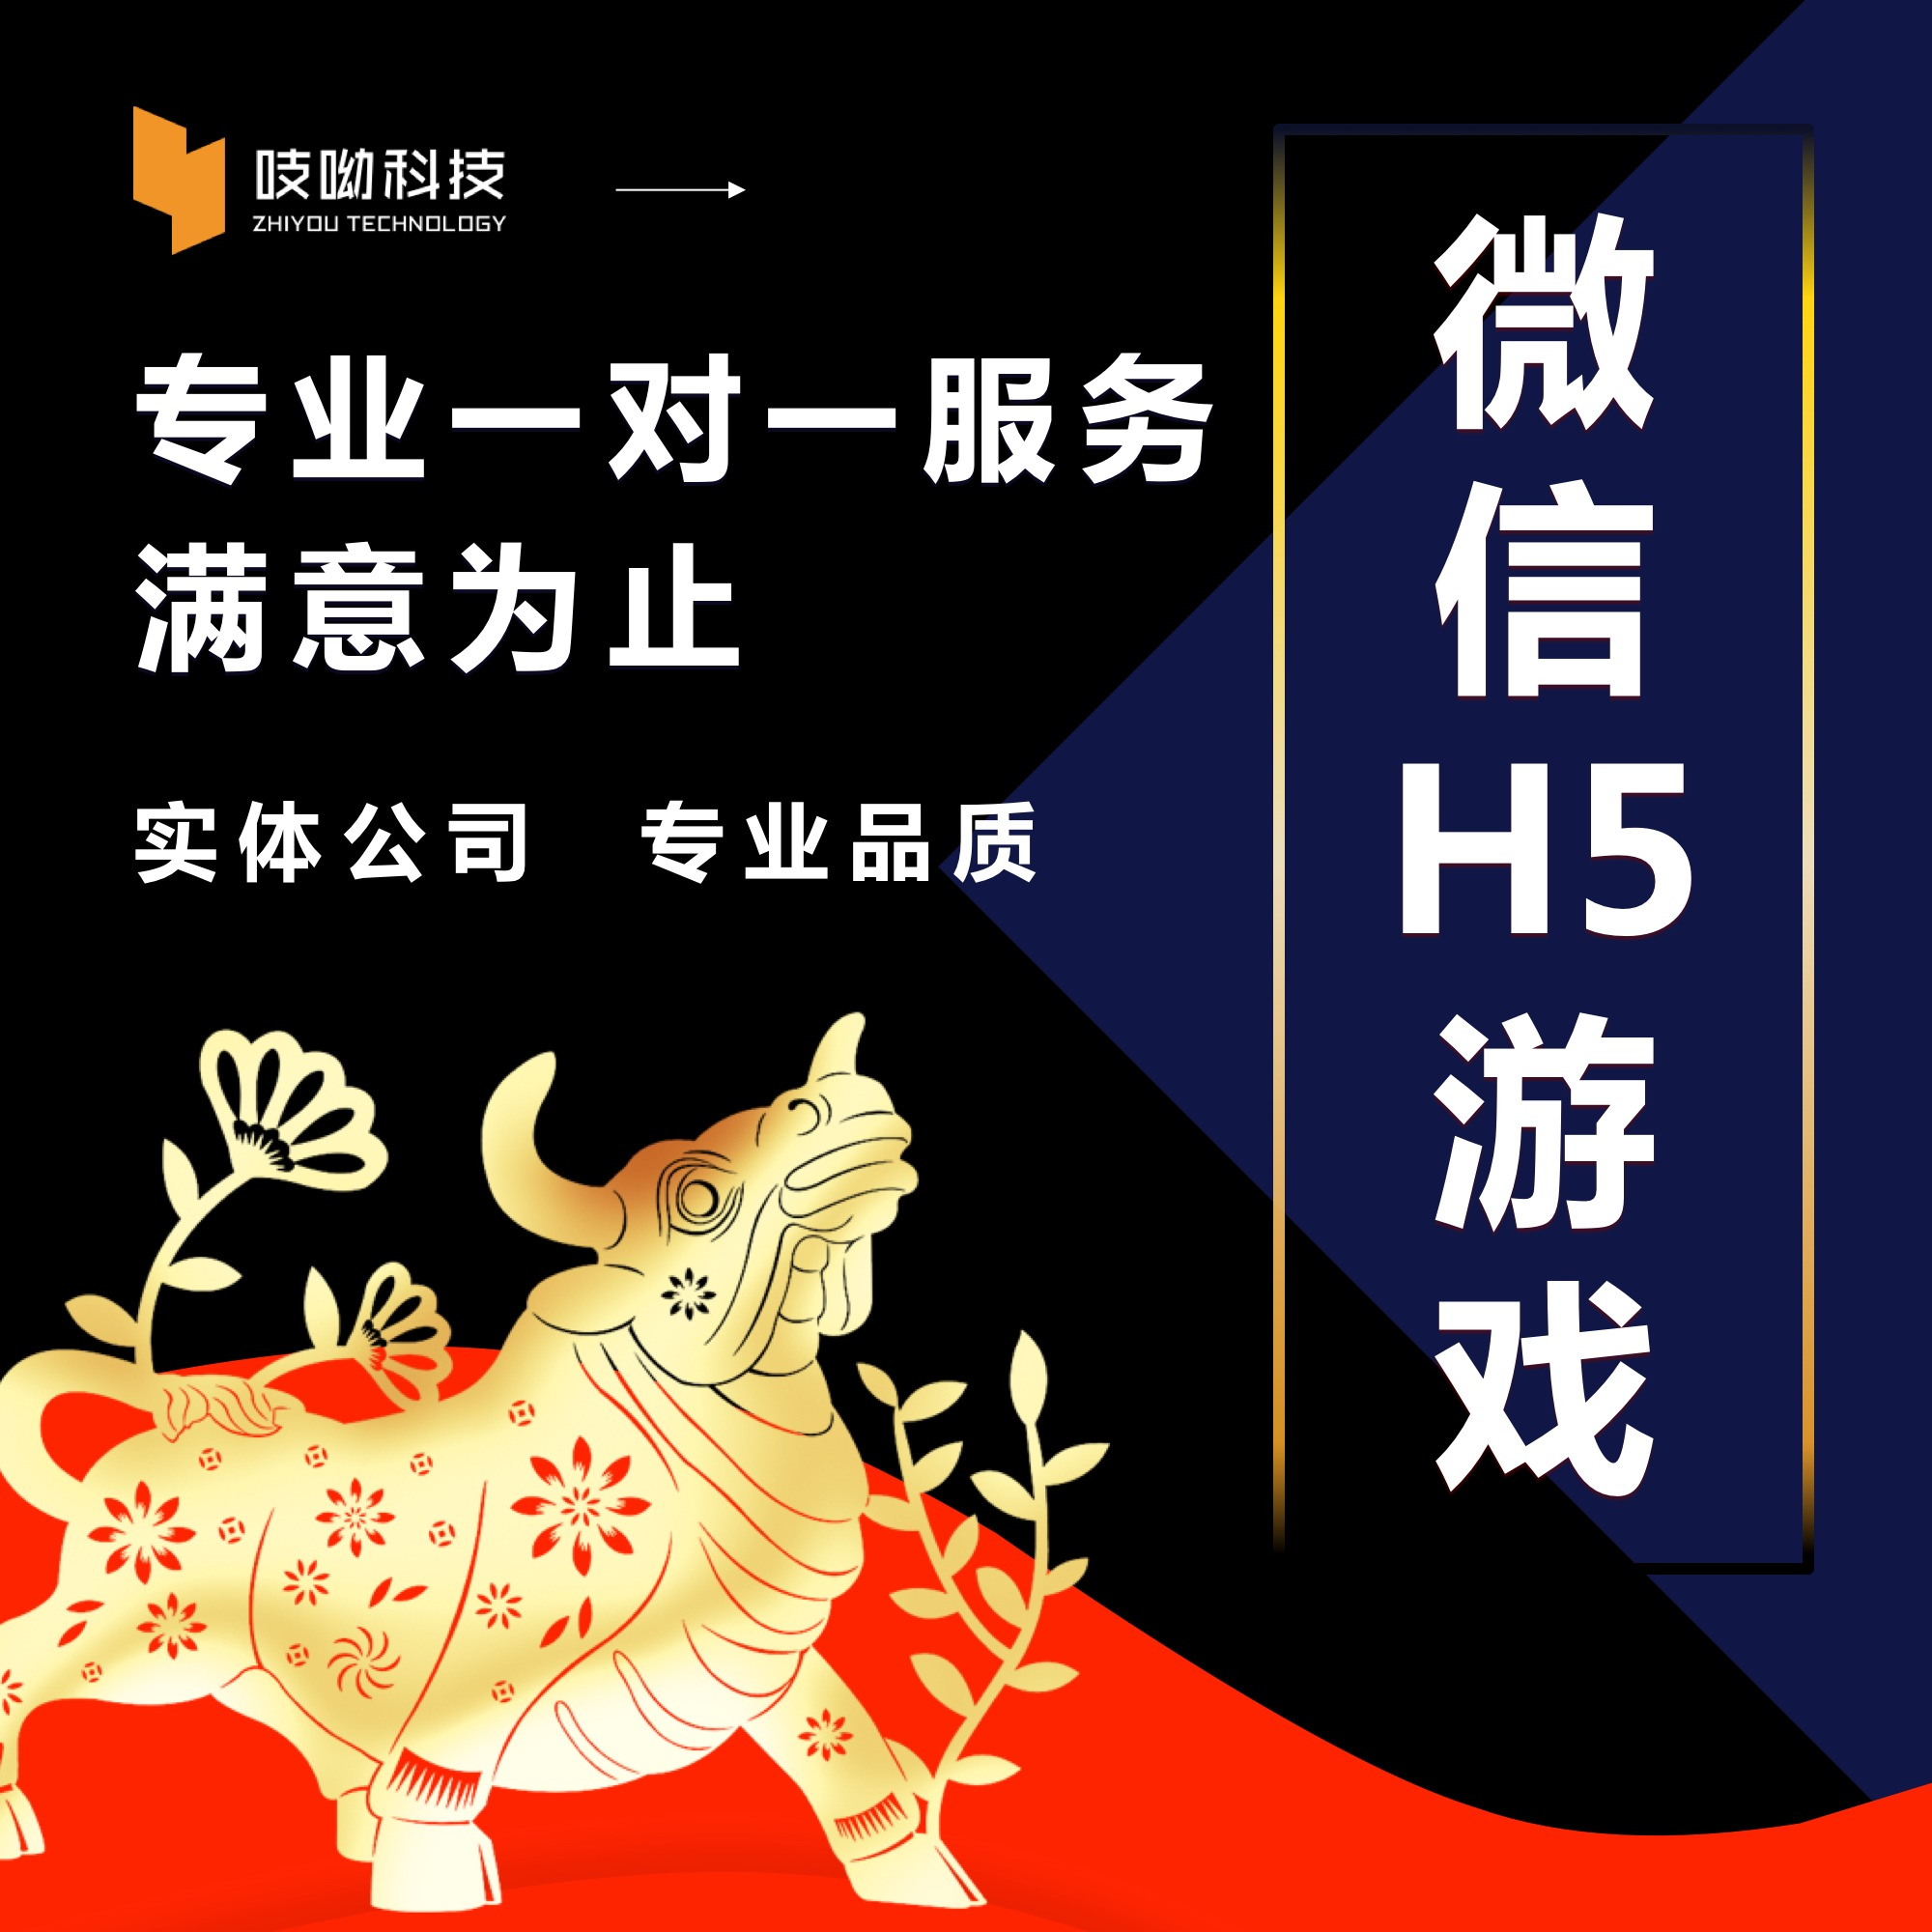 微信H5互动游戏春节海报录音人脸融合长图消消乐跳一跳红包答题